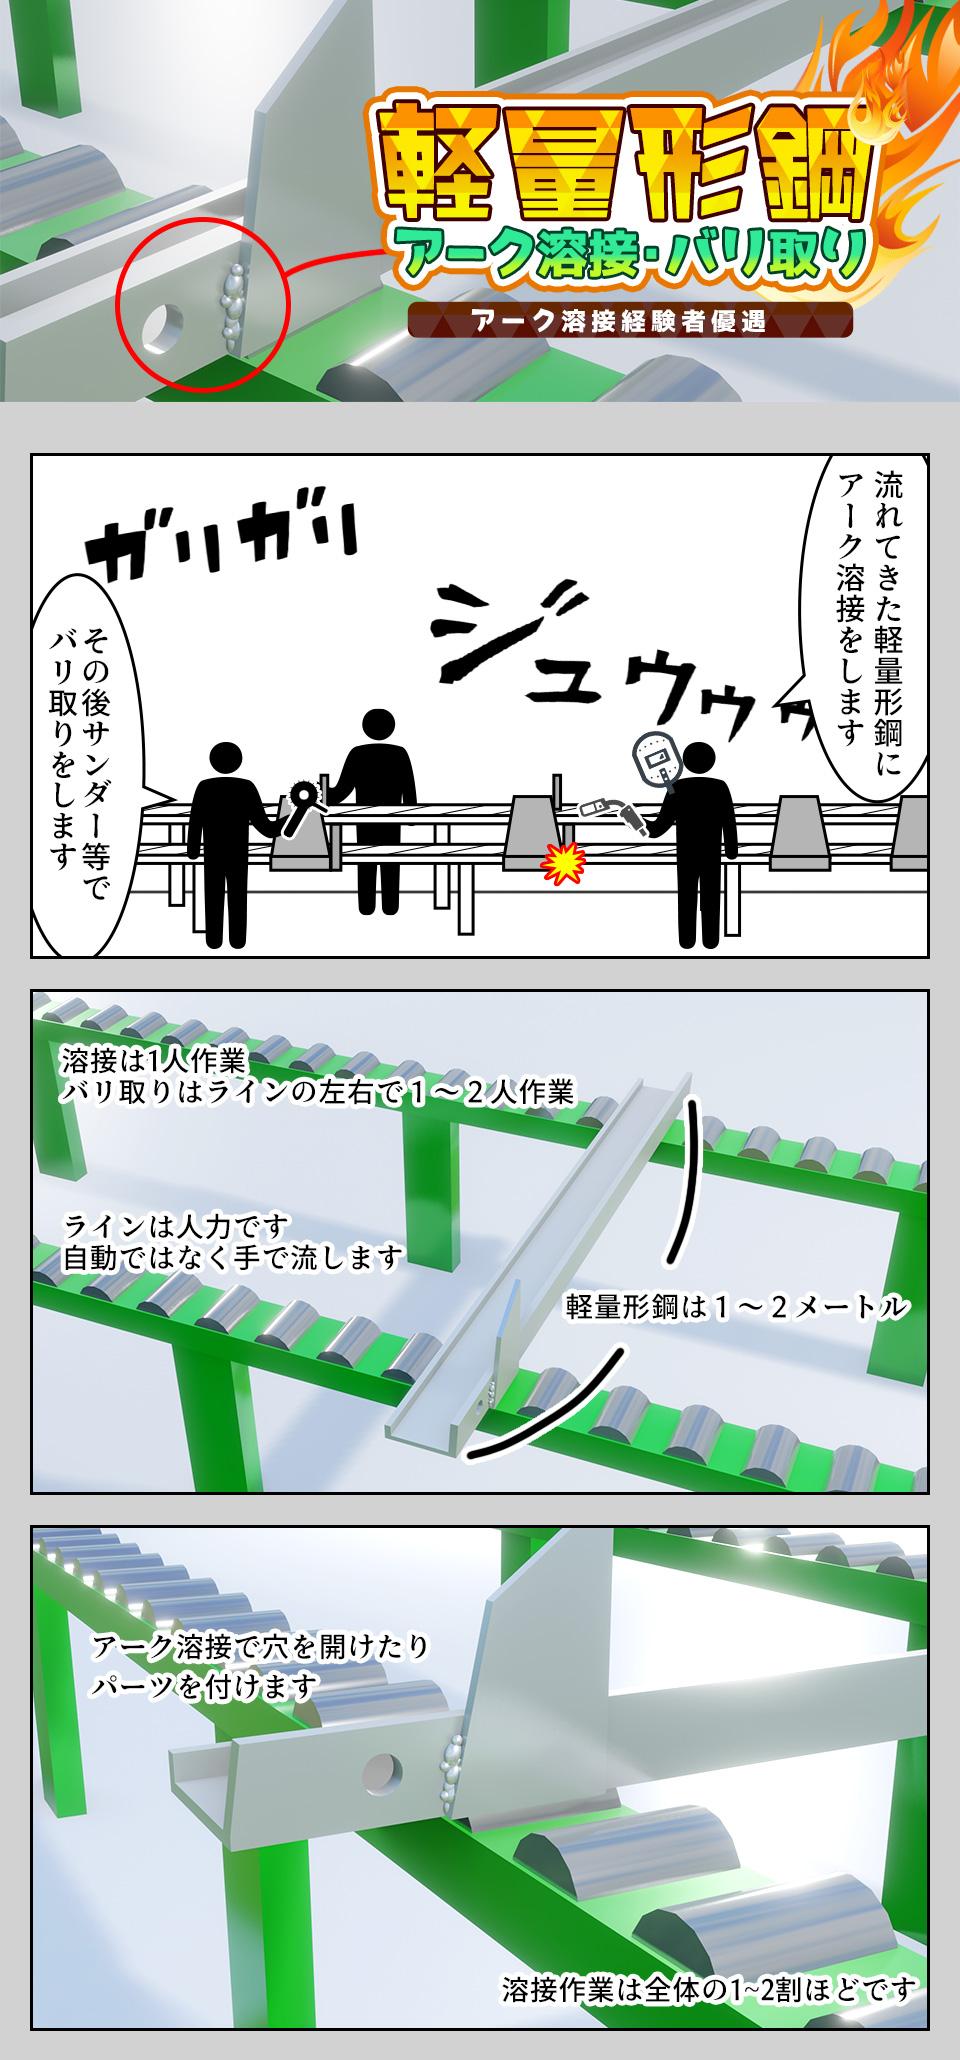 溶接・バリ取り作業 愛知県豊川市の派遣社員求人